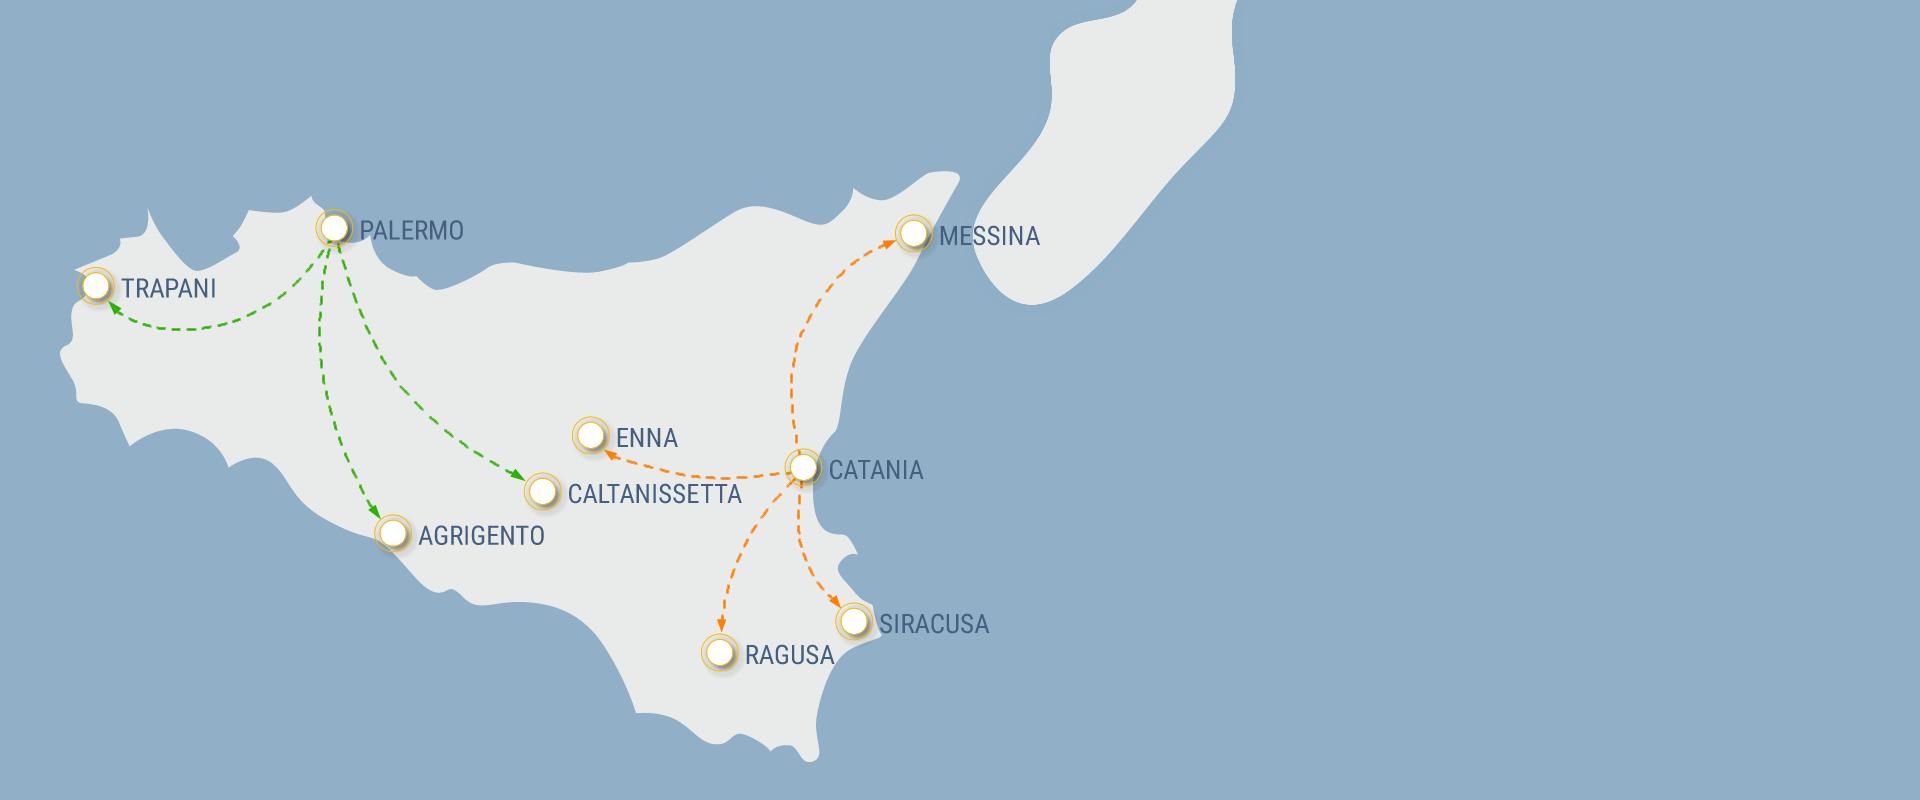 Deposito e distribuzione in Sicilia